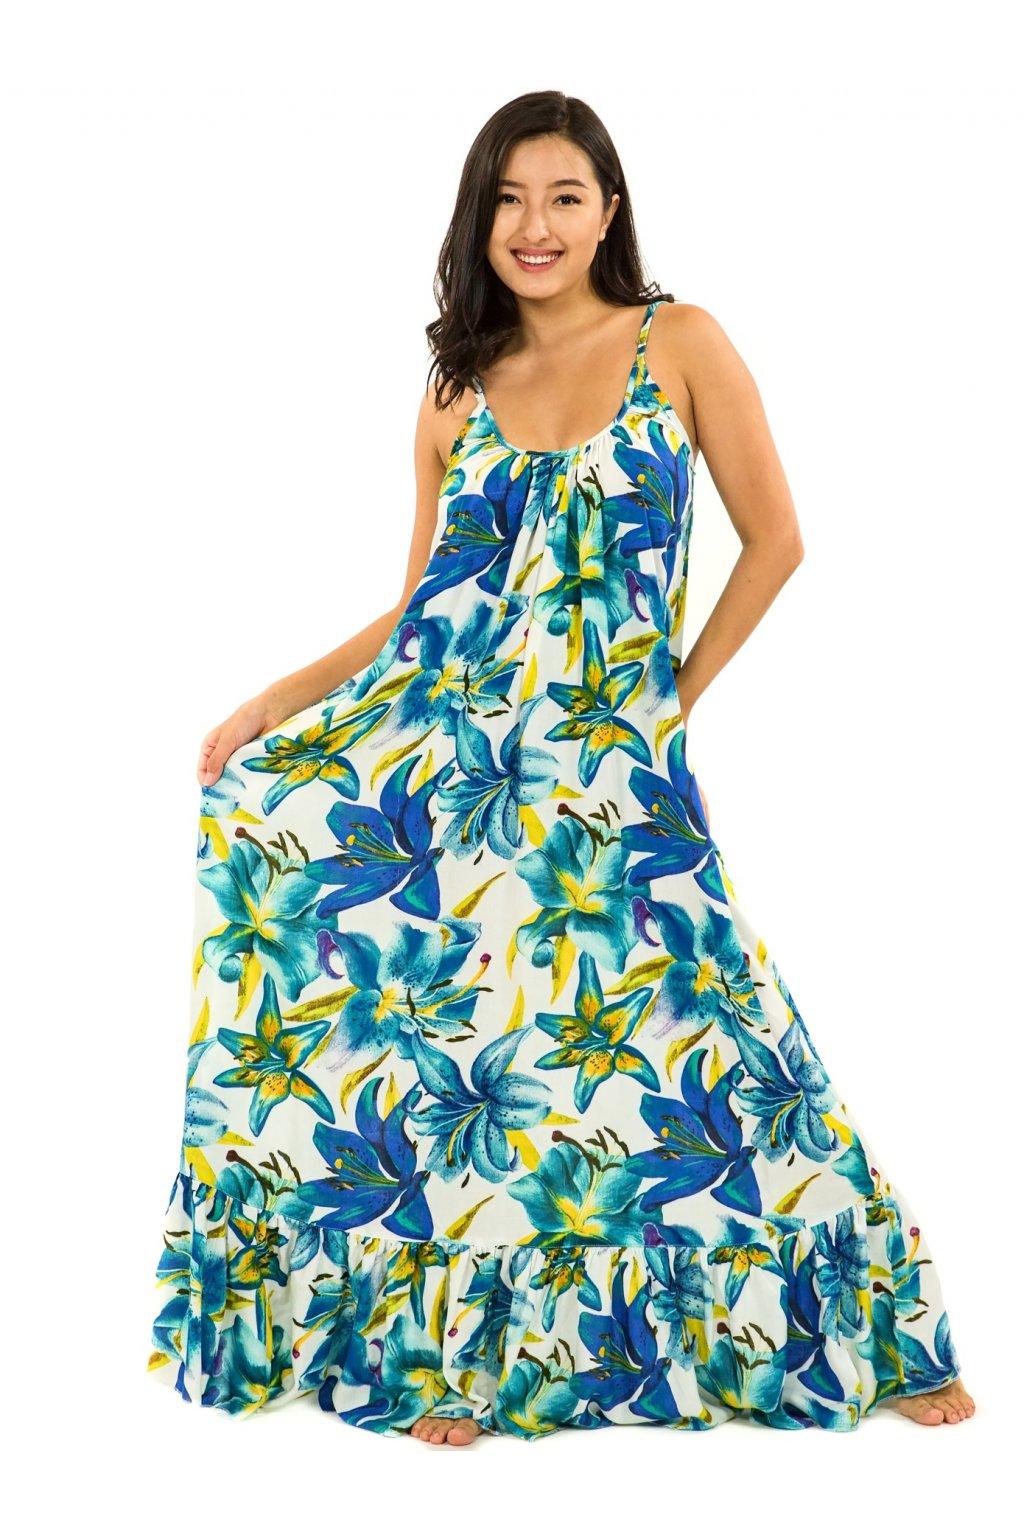 Vzdušné maxi šaty Lilie - bílá s tyrkysovou